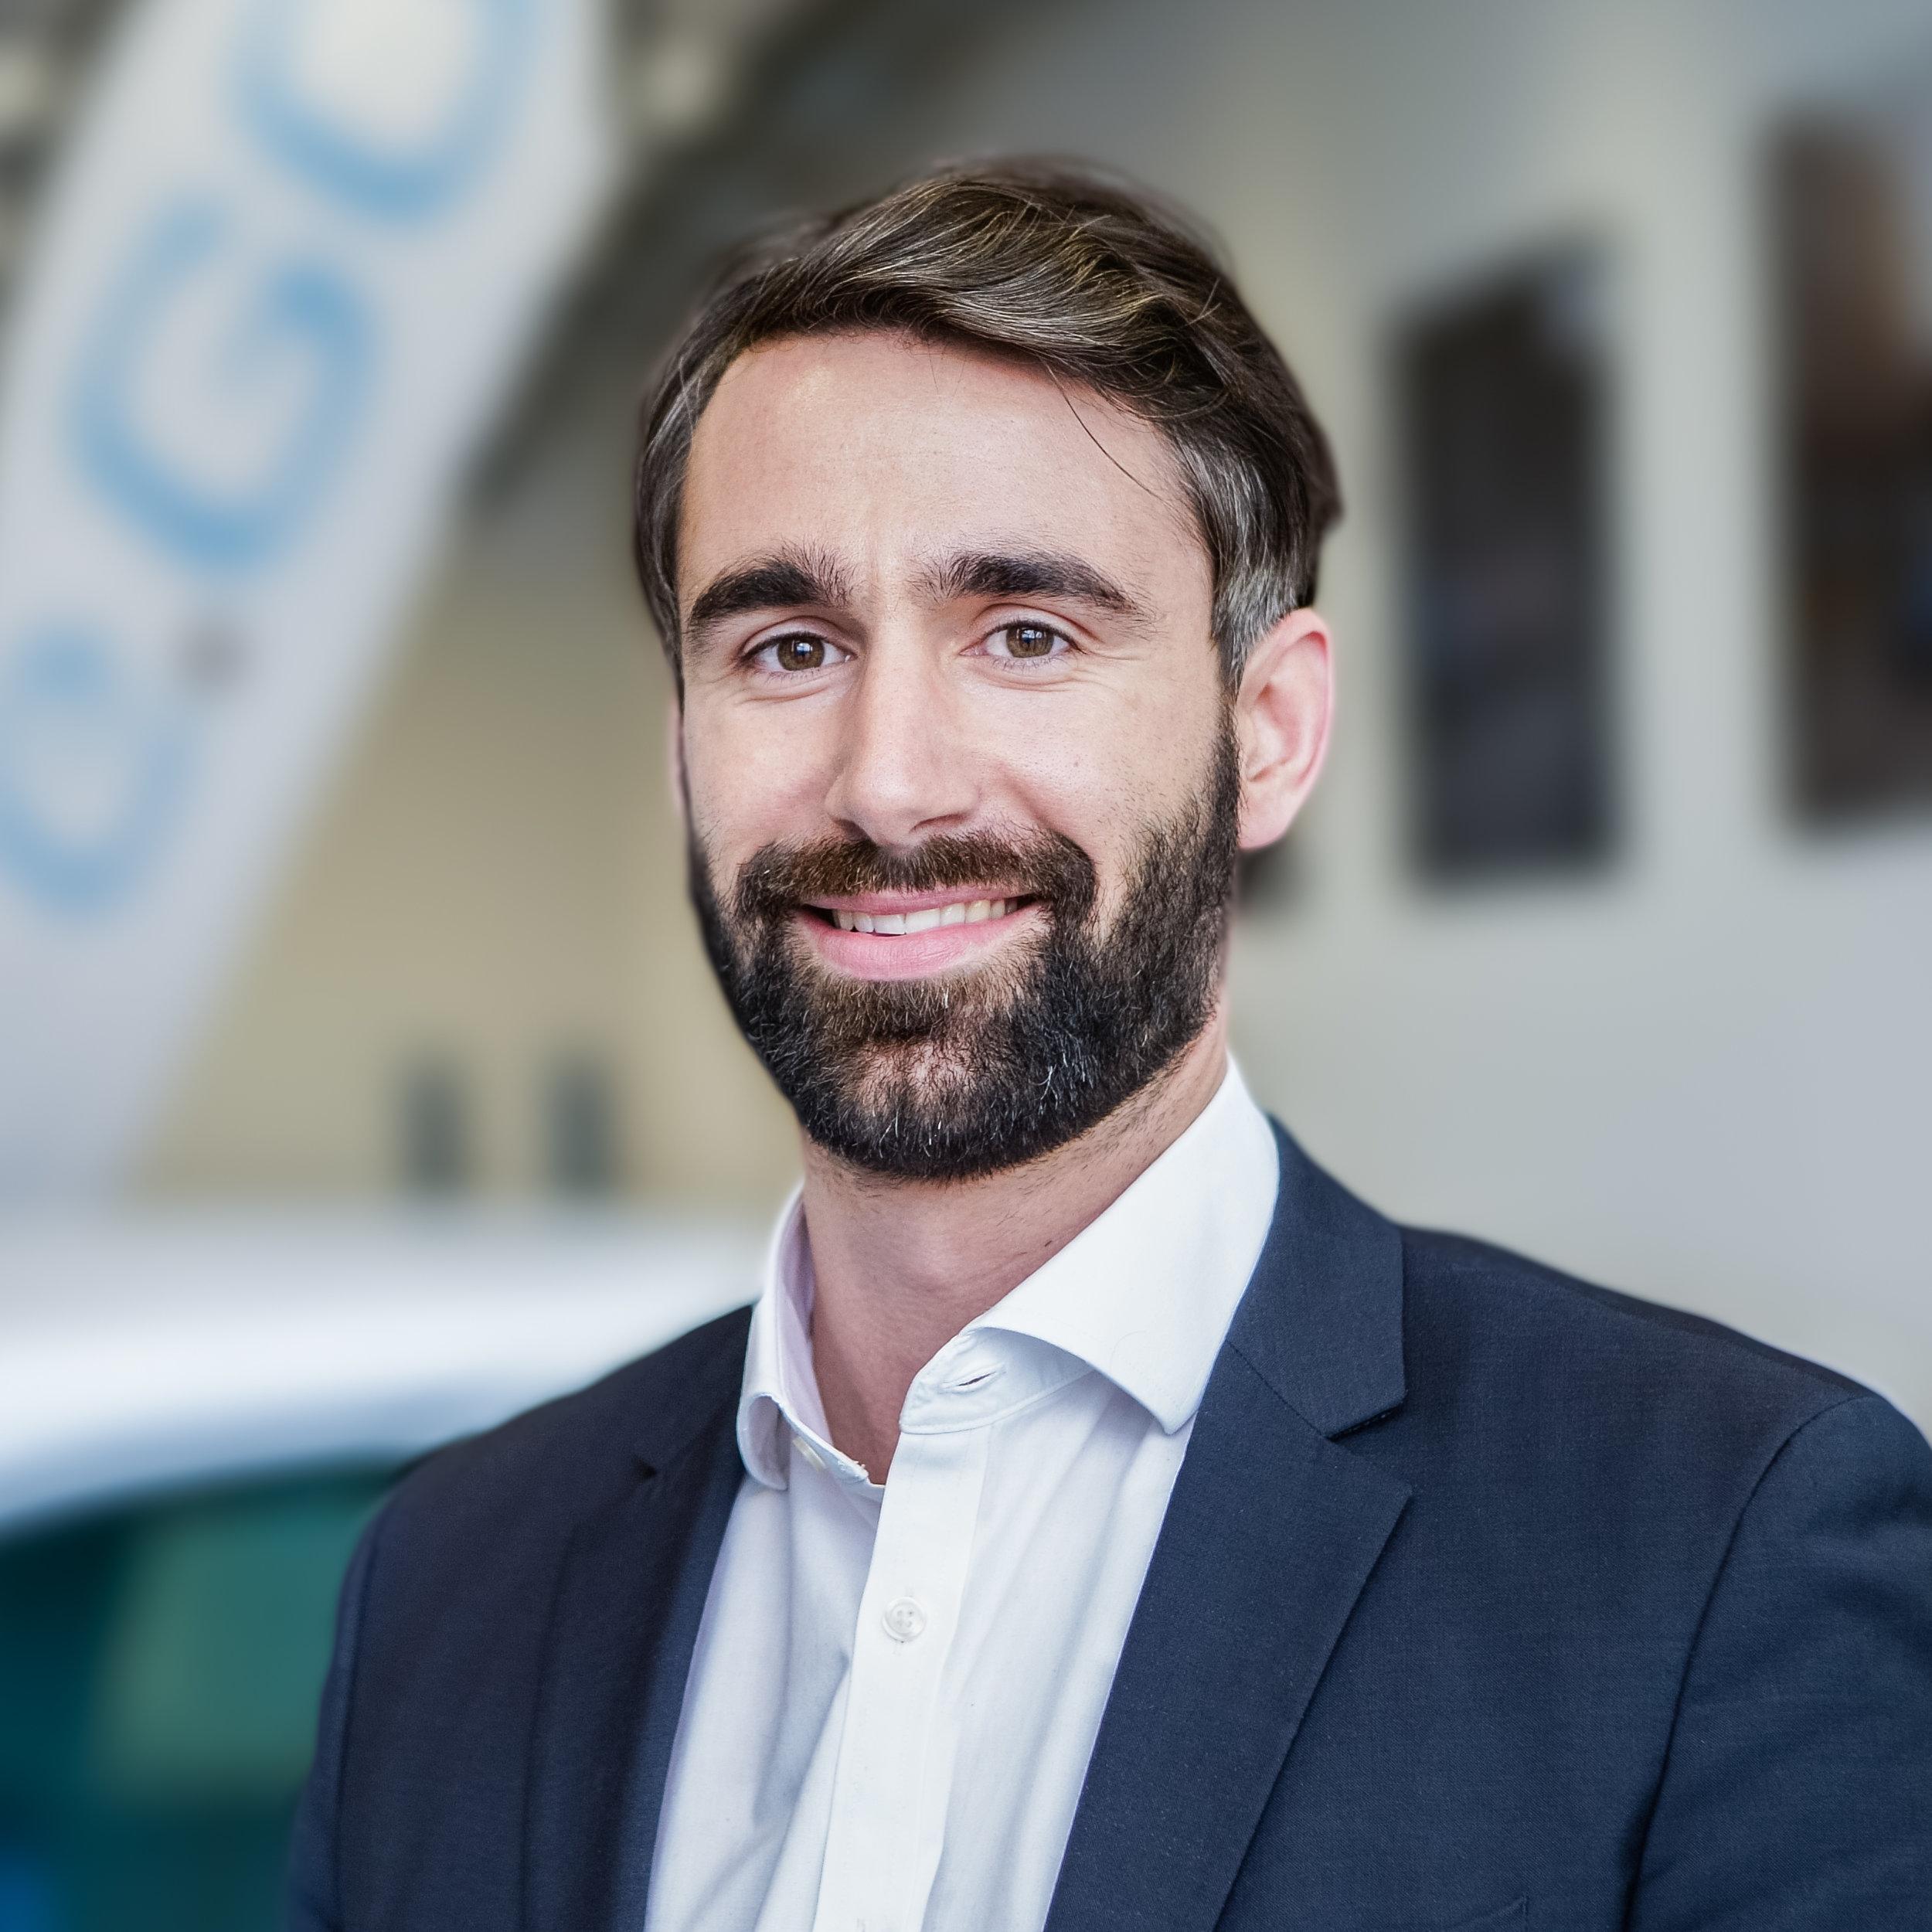 Dr.-Ing. Casimir Ortlieb  CEO e.GO Digital GmbH